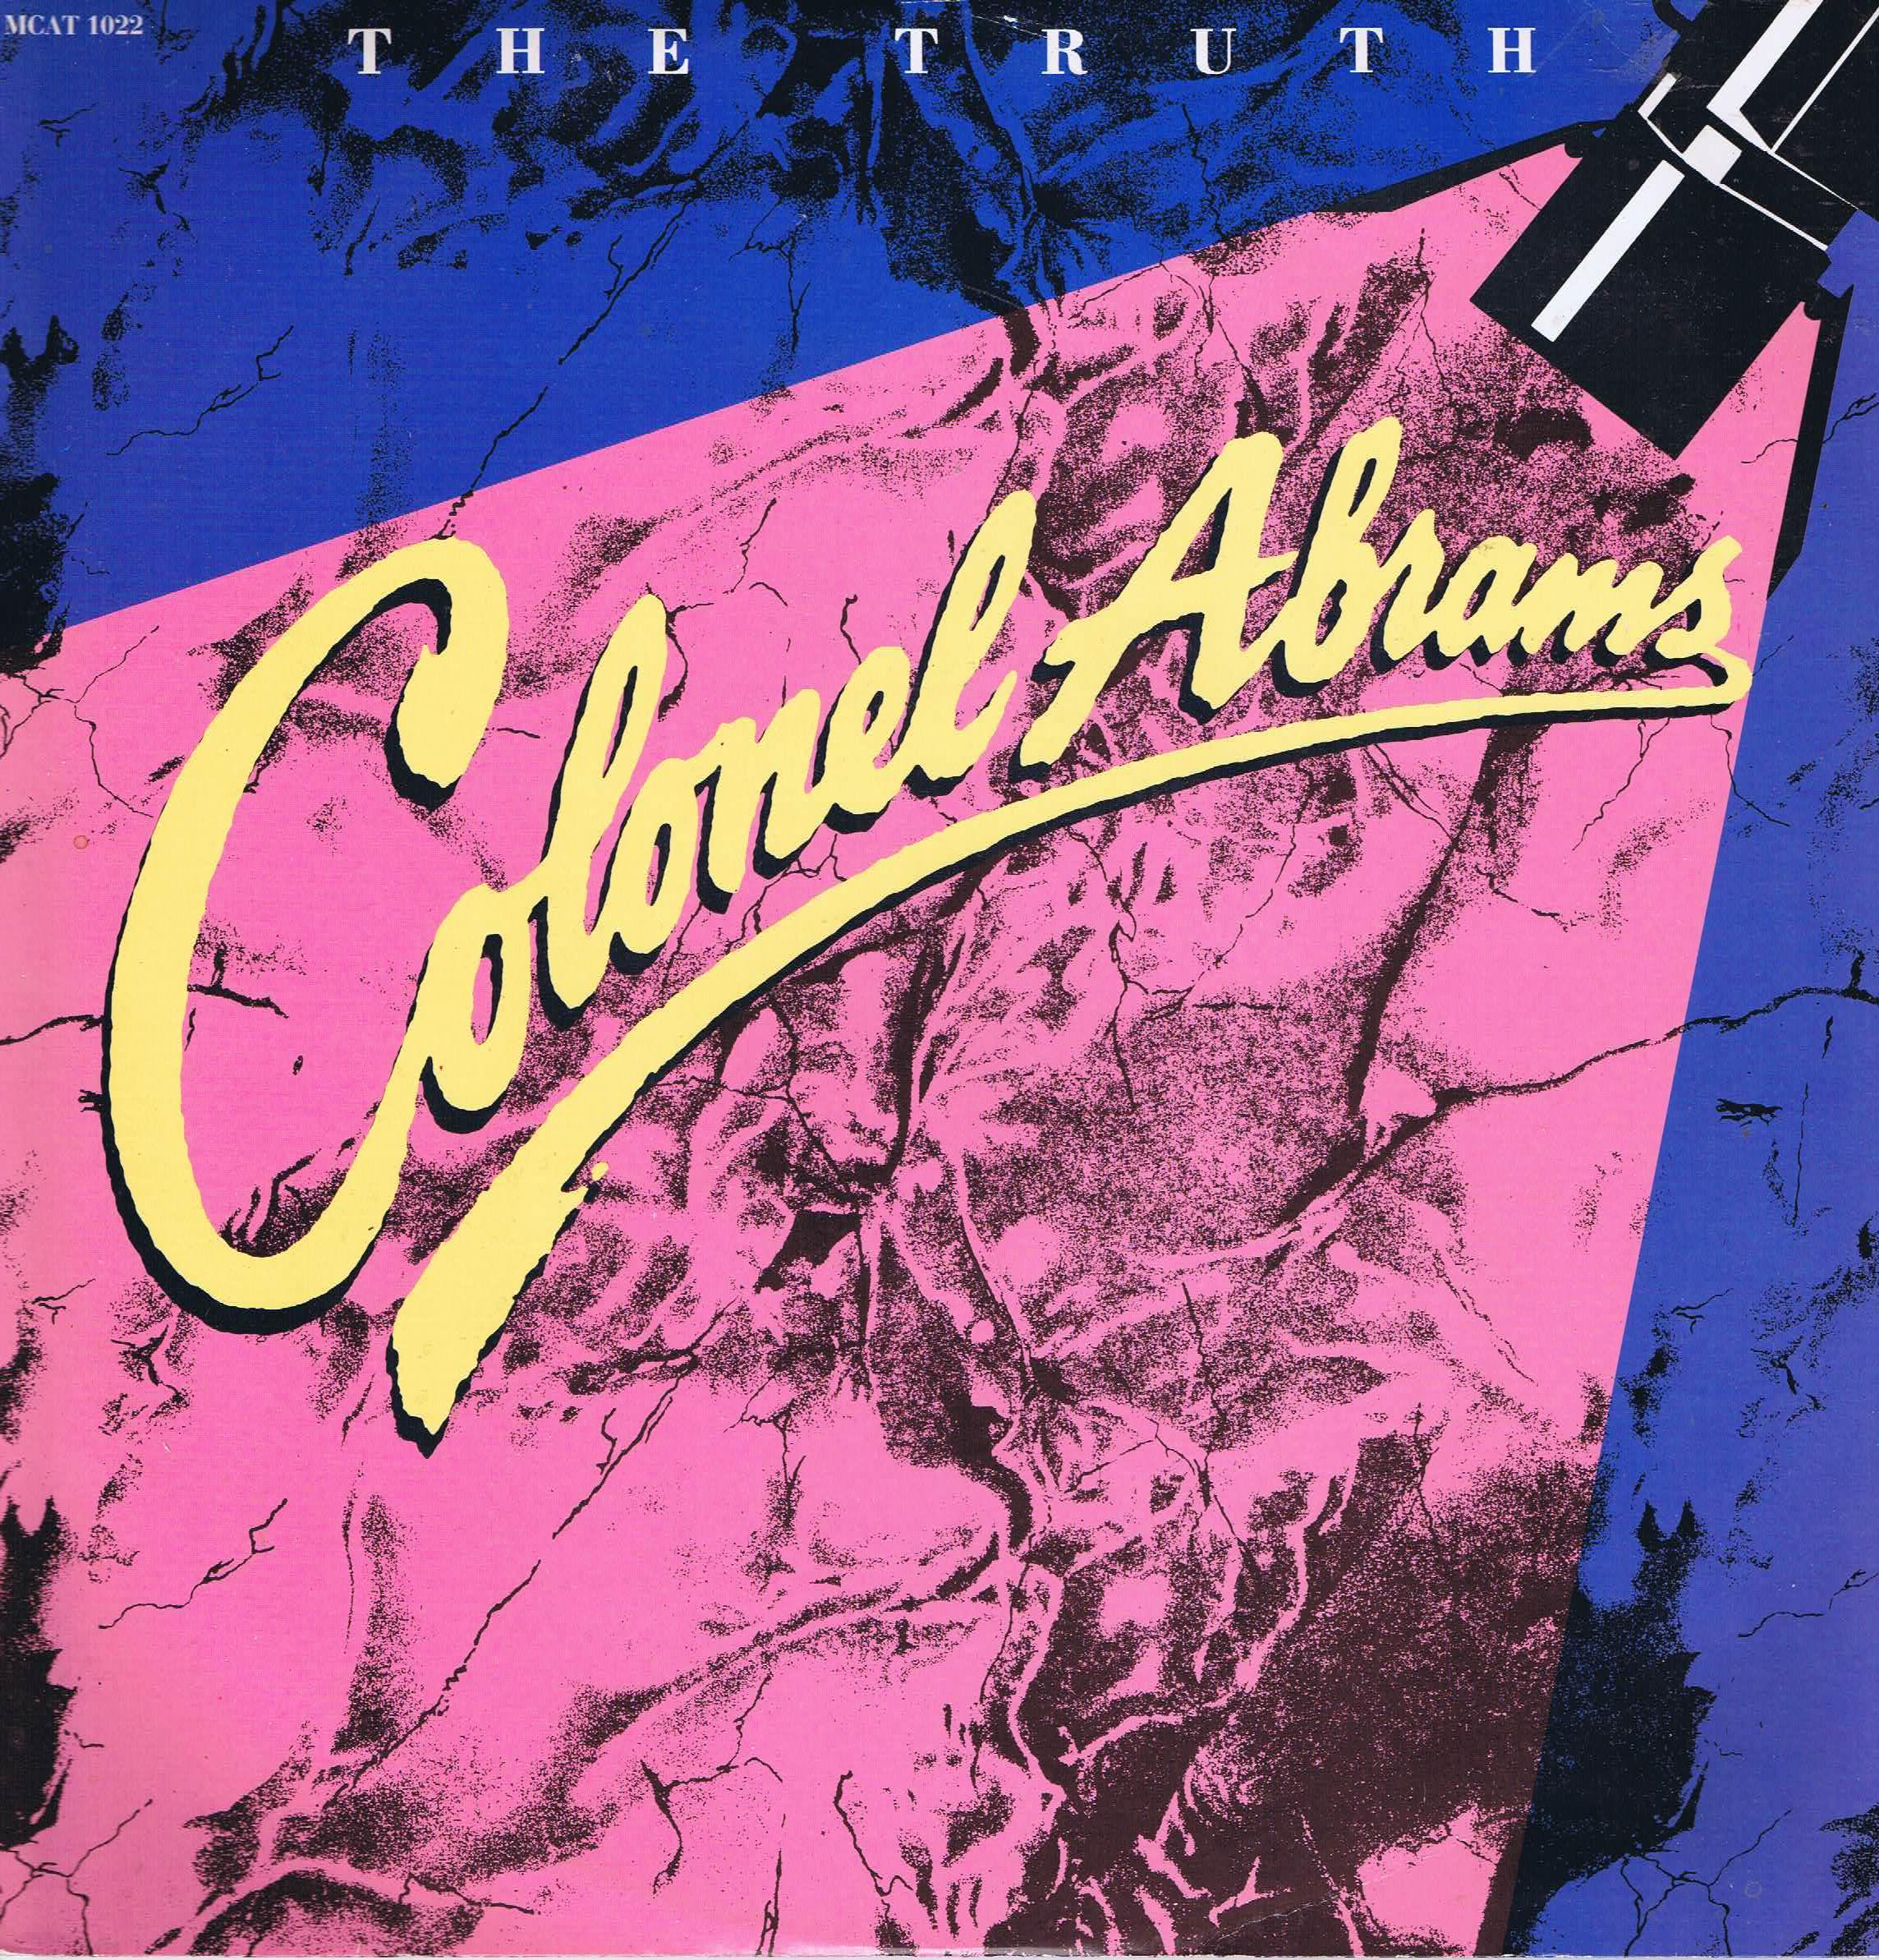 Colonel Abrams - The Truth - MCAT 1022 - 12-inch Record